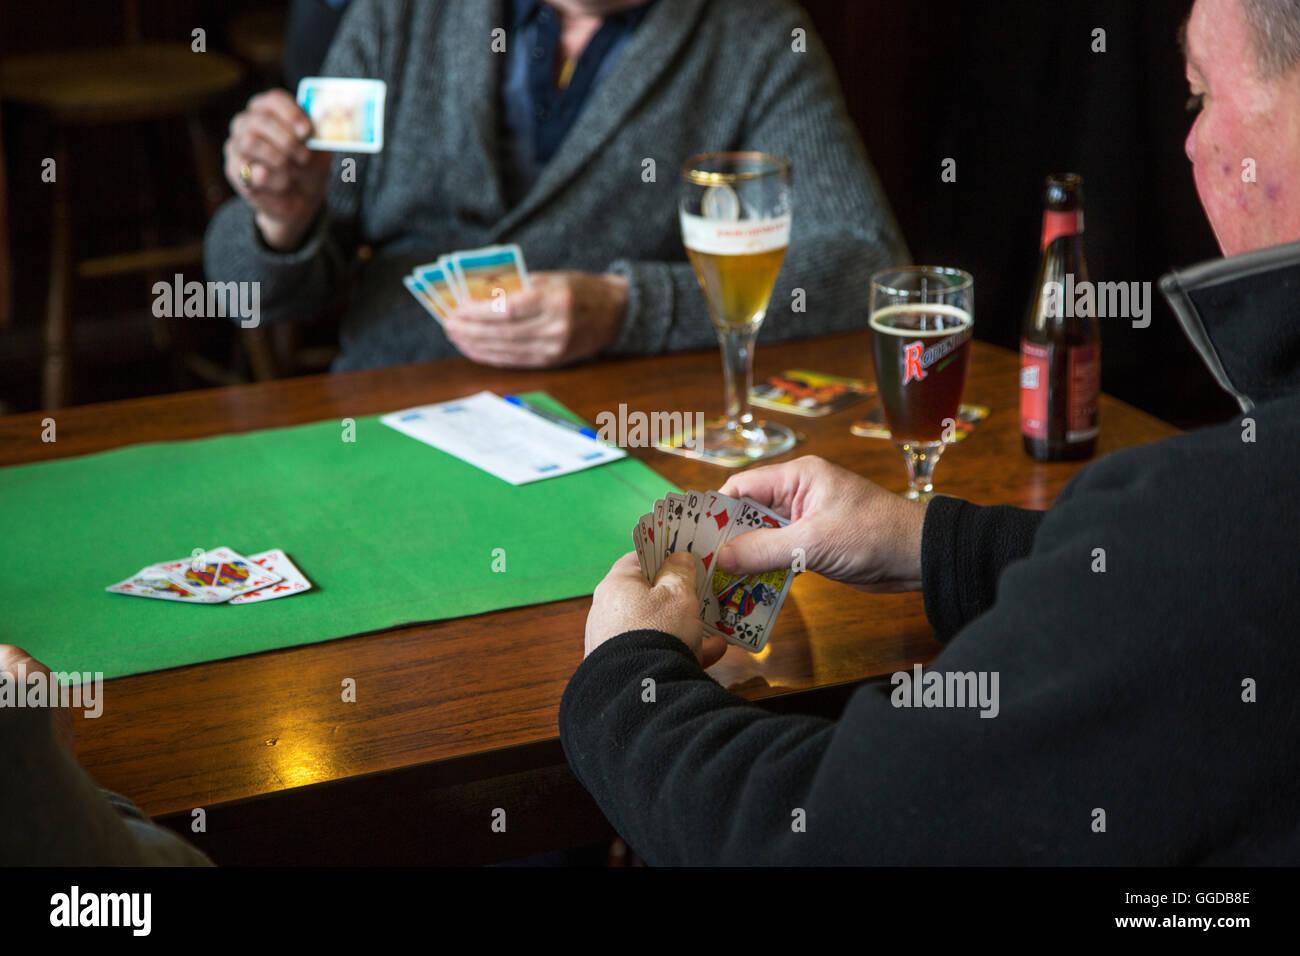 Personnes âgées joueurs de cartes les jeux de cartes sur table dans un pub Photo Stock